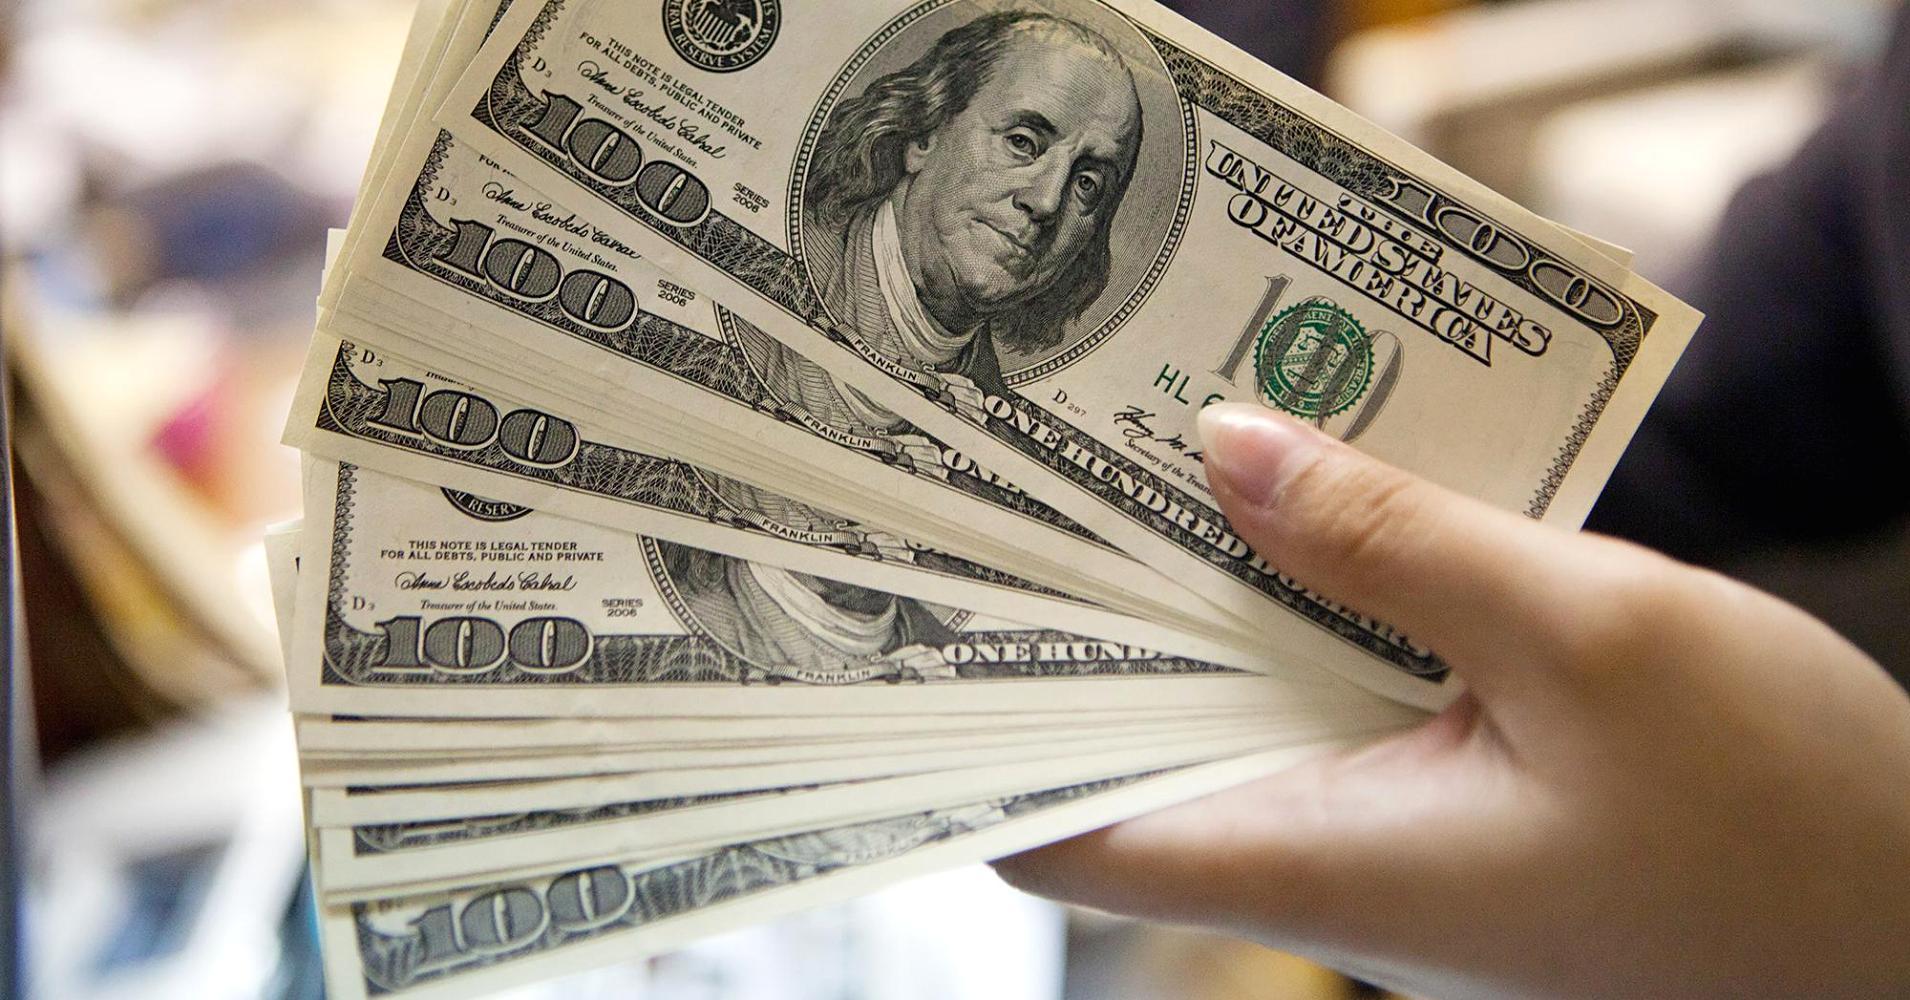 banknotes-100-us-dollars-1597474